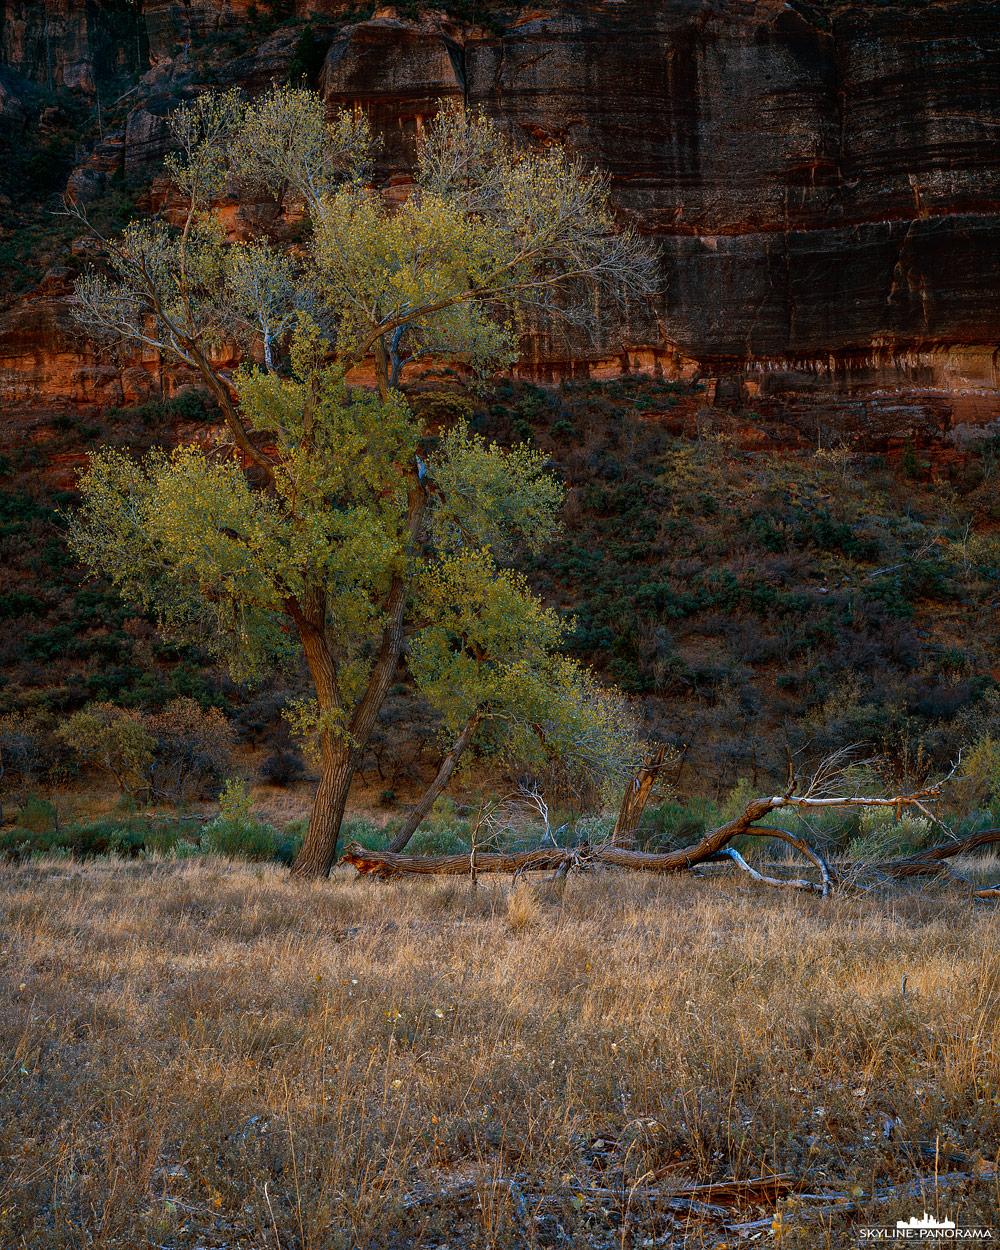 Herbst im Zion Nationalpark Utah - Hier zu sehen ist eine Pappel im Zion Canyon, die von dem warmen reflektierenden Licht der gegenüberliegenden Sandsteinwand beschienen wird. Diese Pappeln - auf Englisch Cottonwoods - stehen wie ein Band entlang des Virgin Rivers, im Herbst färben sich die Blätter in leuchtendes Gelb und das ansonsten grüne Band erstrahlt in herbstlichen Farben.